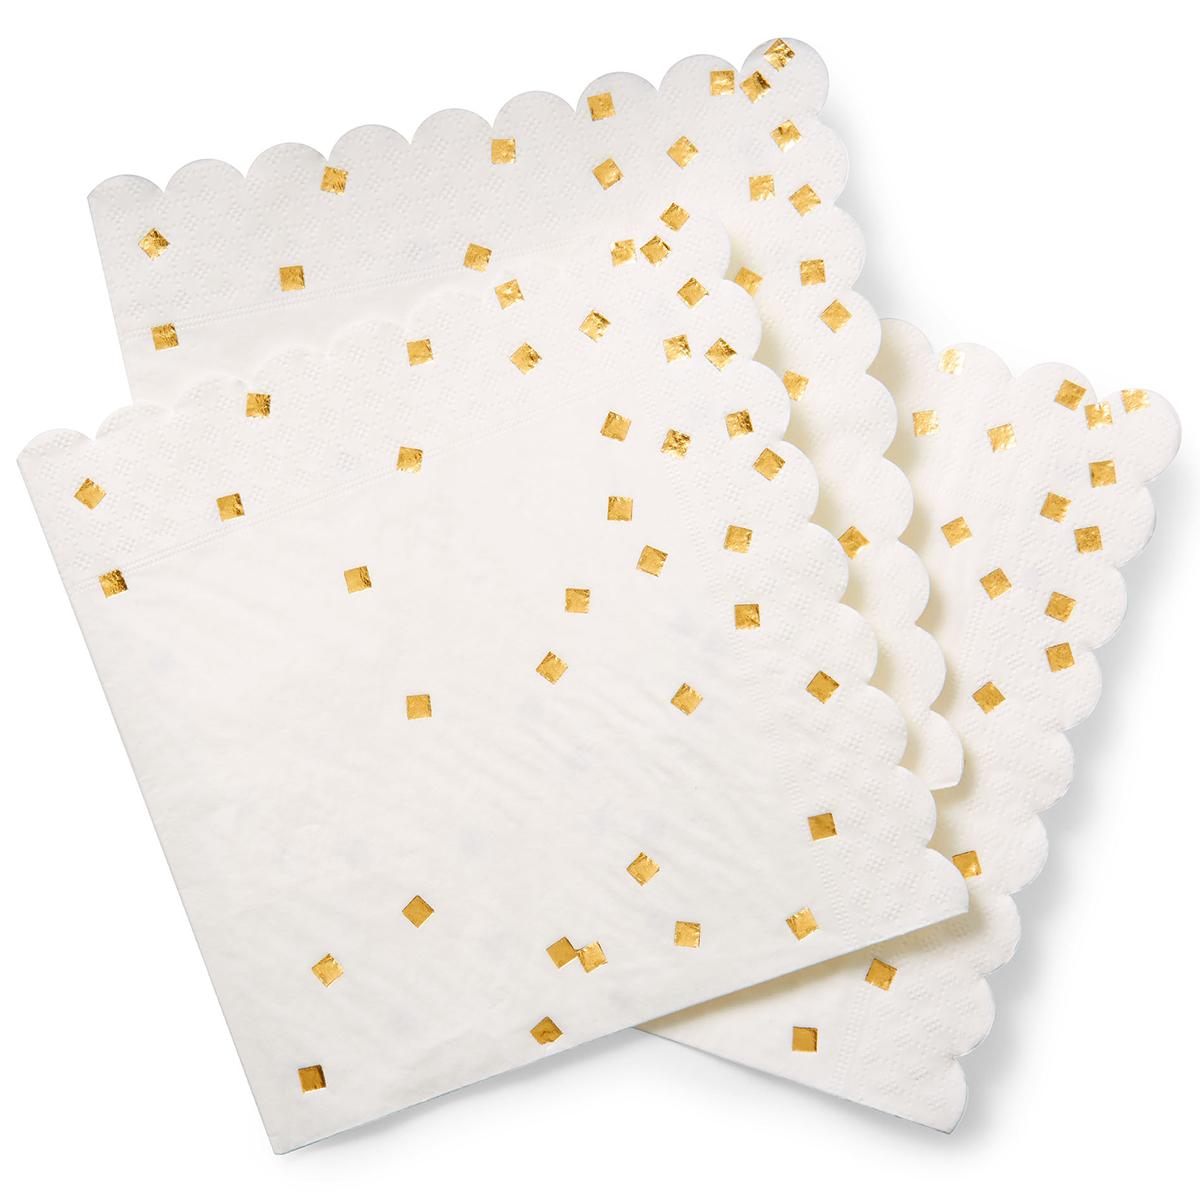 meri meri gold confetti large napkins